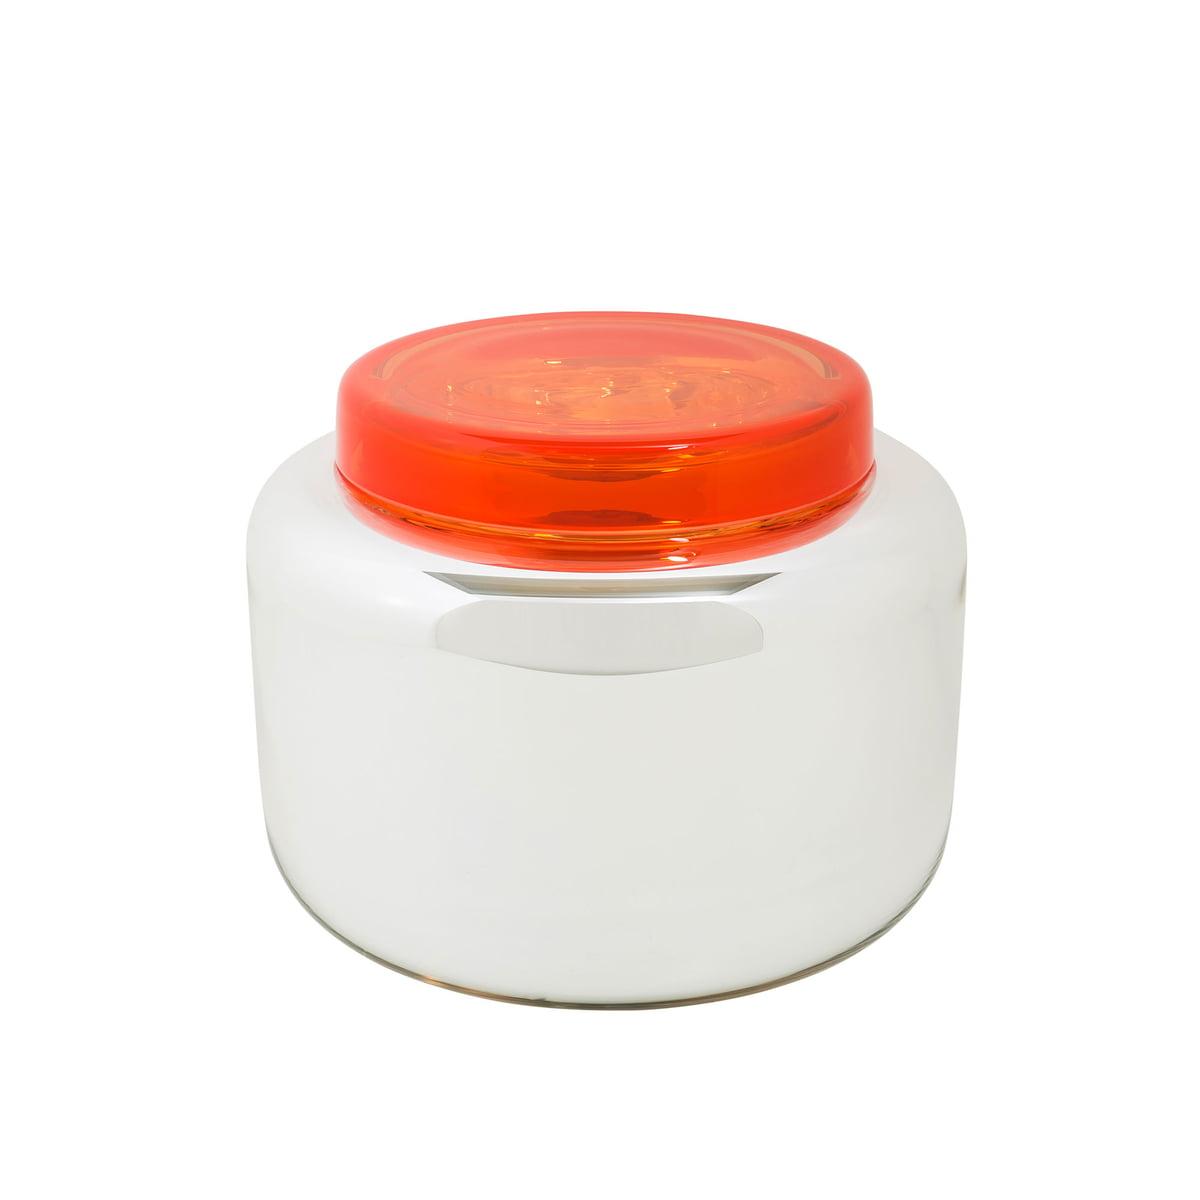 Pulpo - Low Container, silber / Deckel rot   Büro > Büroschränke > Container   Silber   Glas (mundgeblasen -  doppelwandig gefärbt & versilbert)   Pulpo